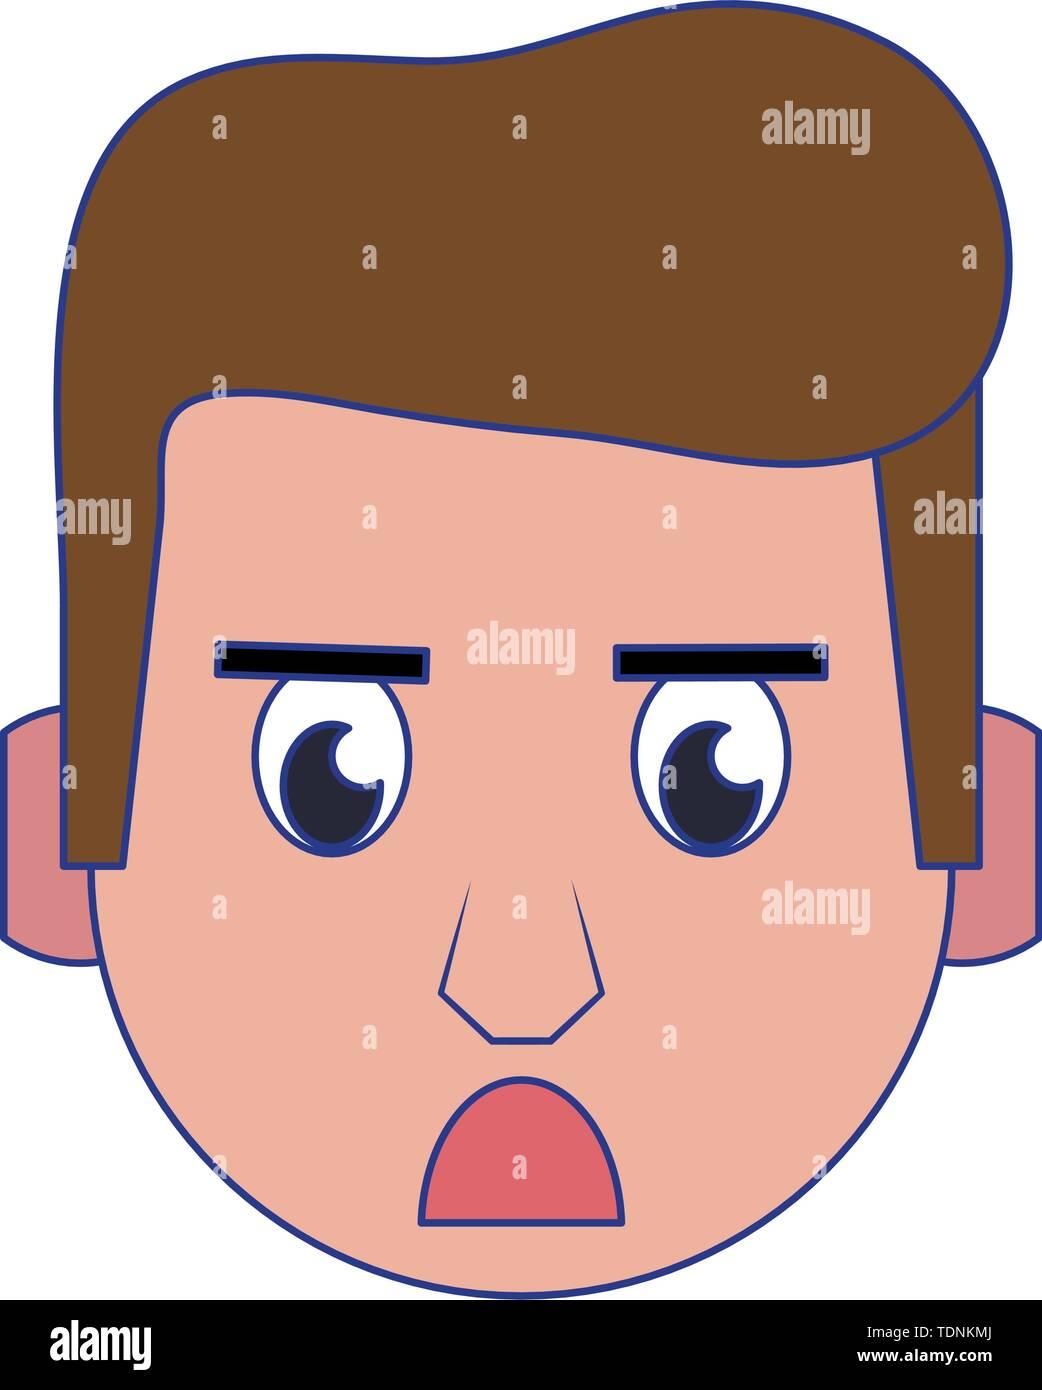 Mann wütend Kopf Charakter cartoon Vector Illustration graphic design Stockbild